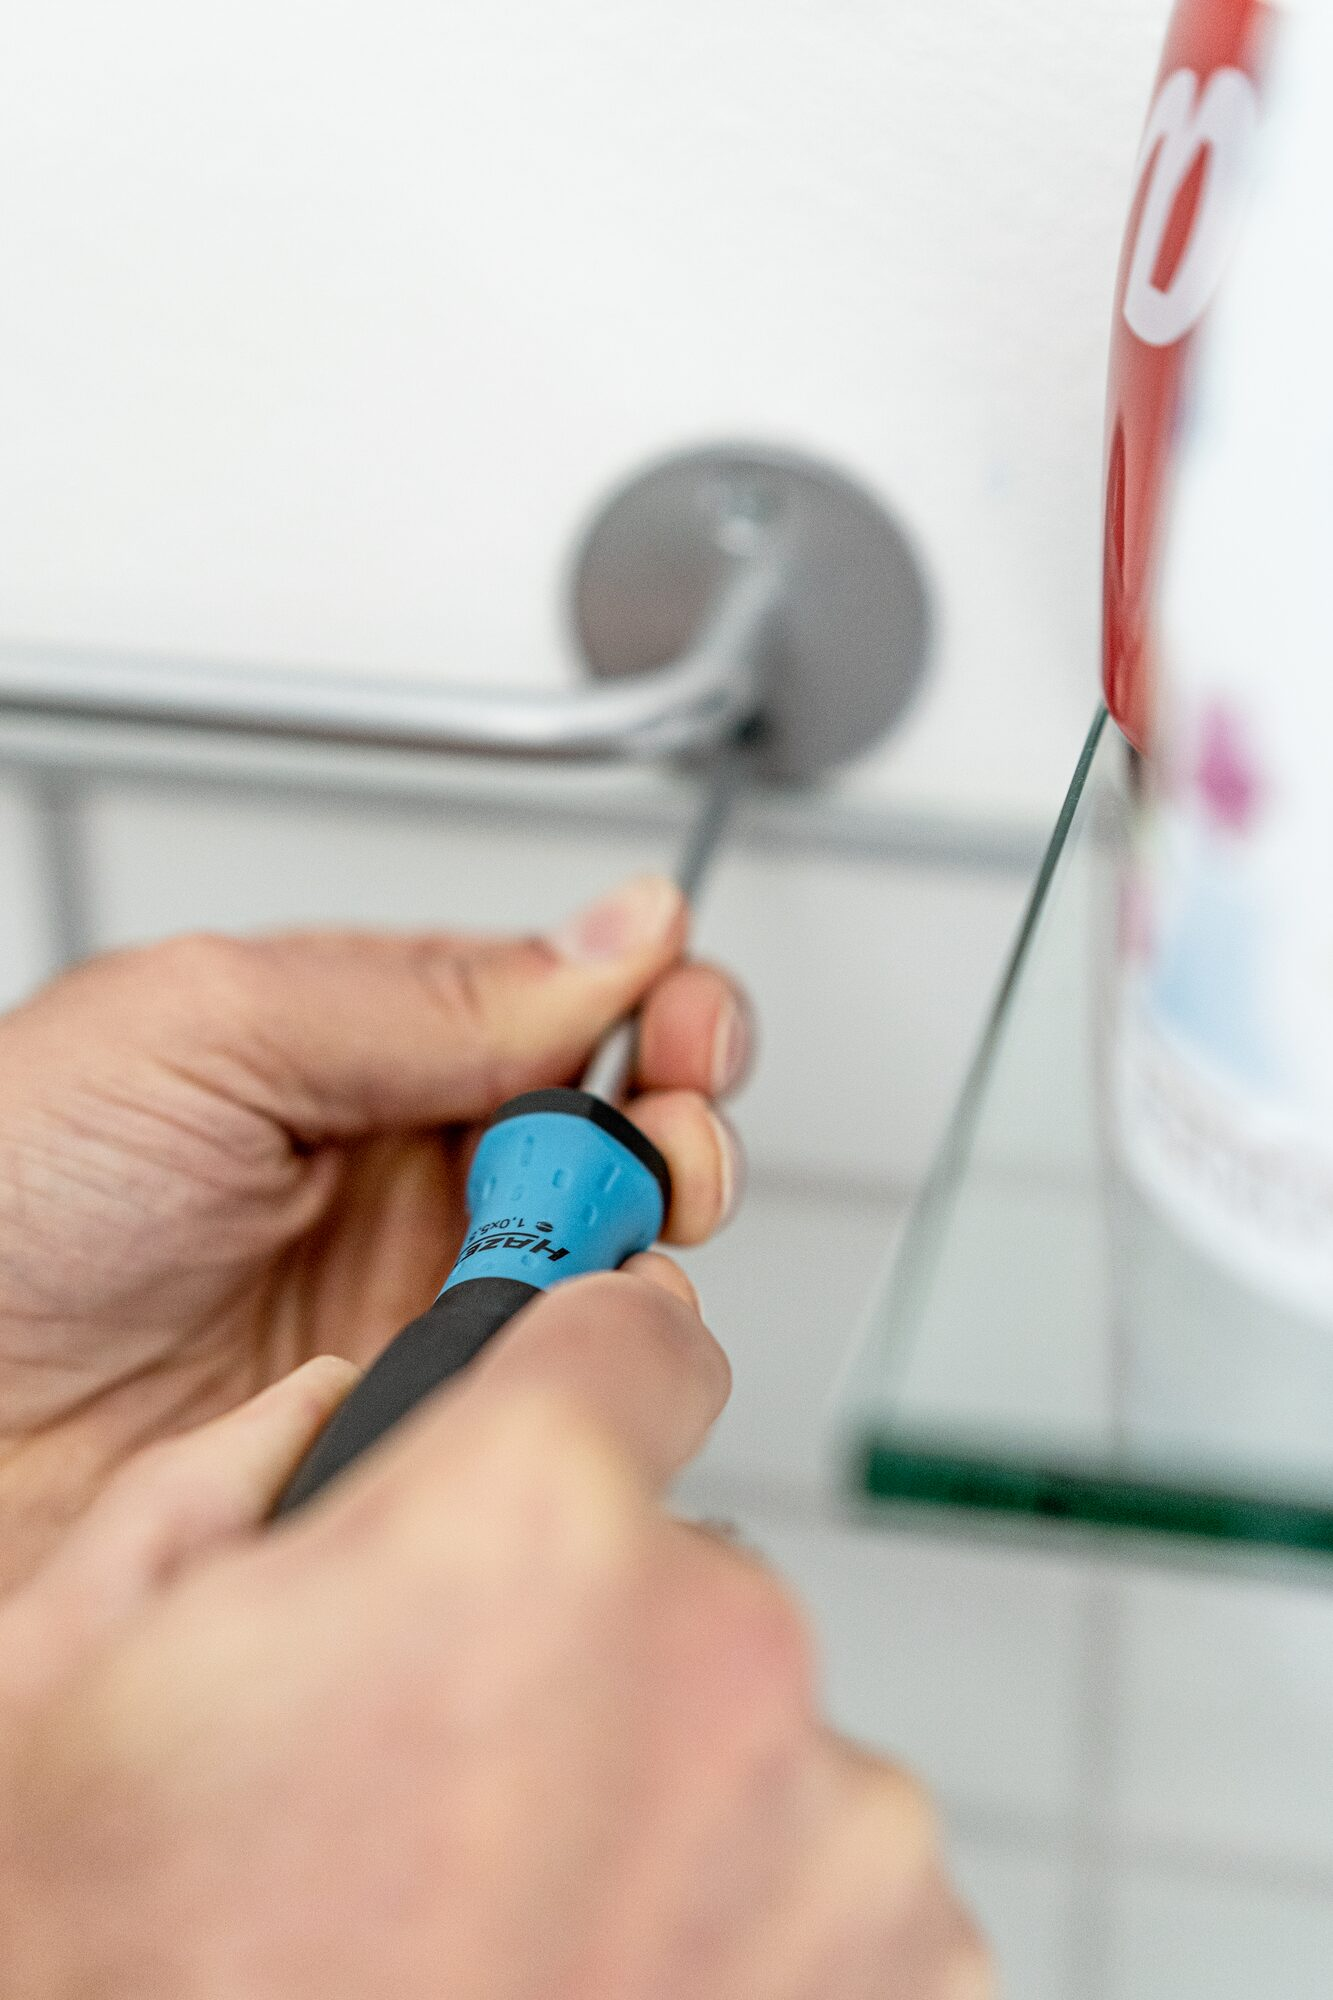 HAZET Schraubendreher 810-30 ∙ Schlitz Profil ∙ 0.5 x 3 mm